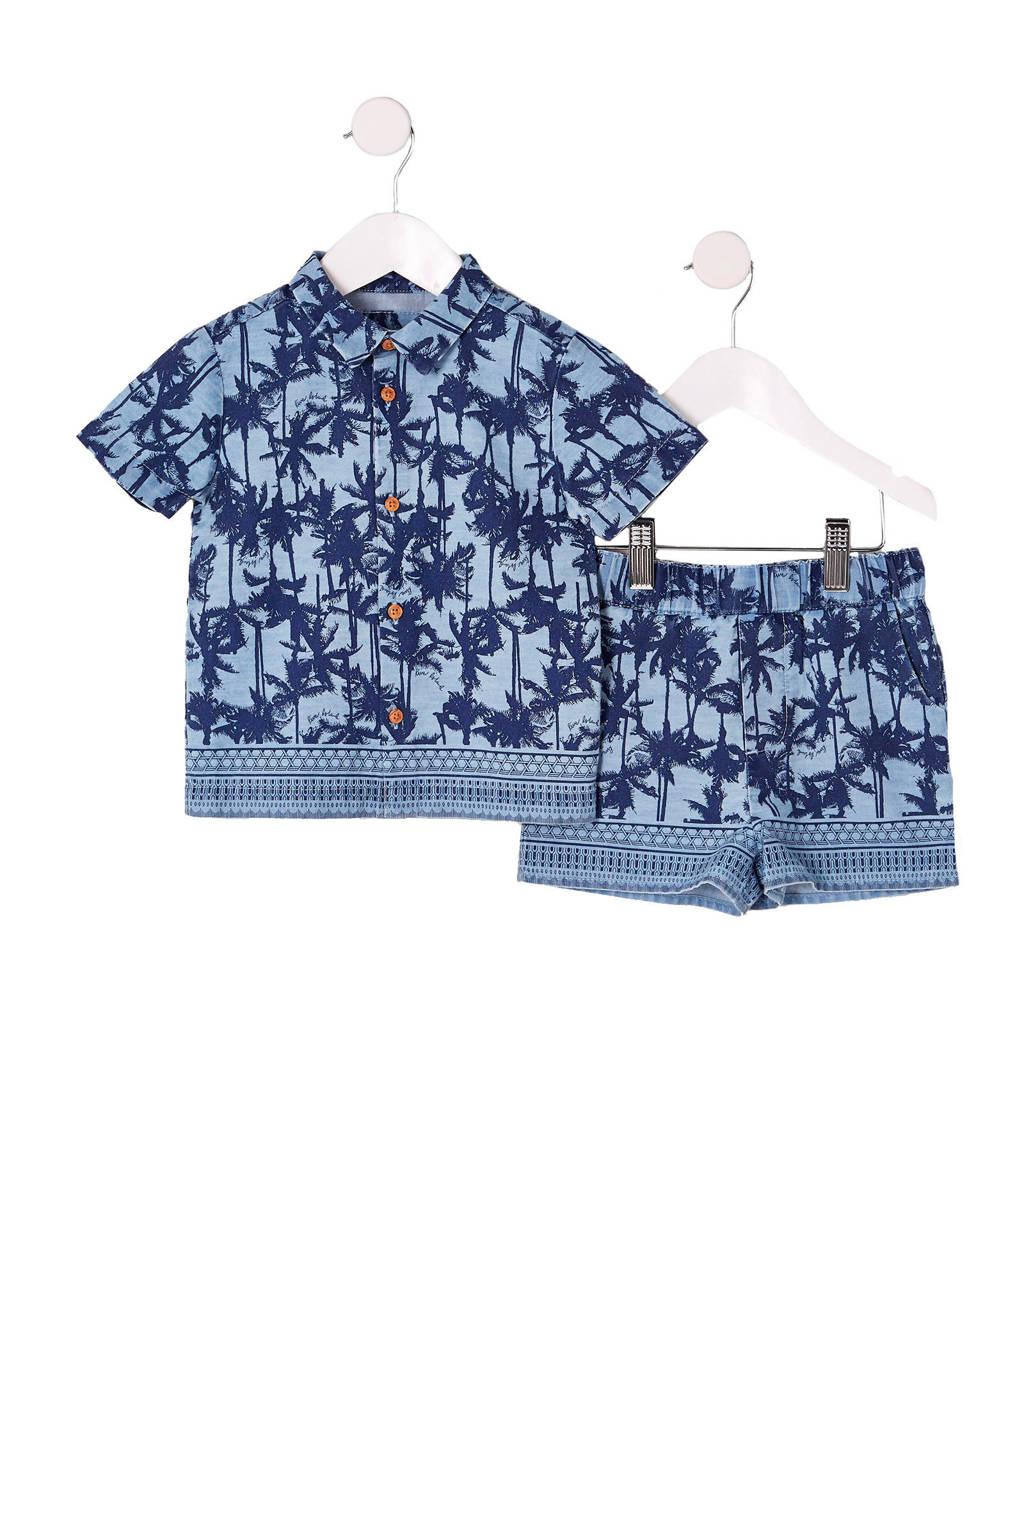 River Island overhemd met korte broek met alloverprint blauw, Blauw/lichtblauw